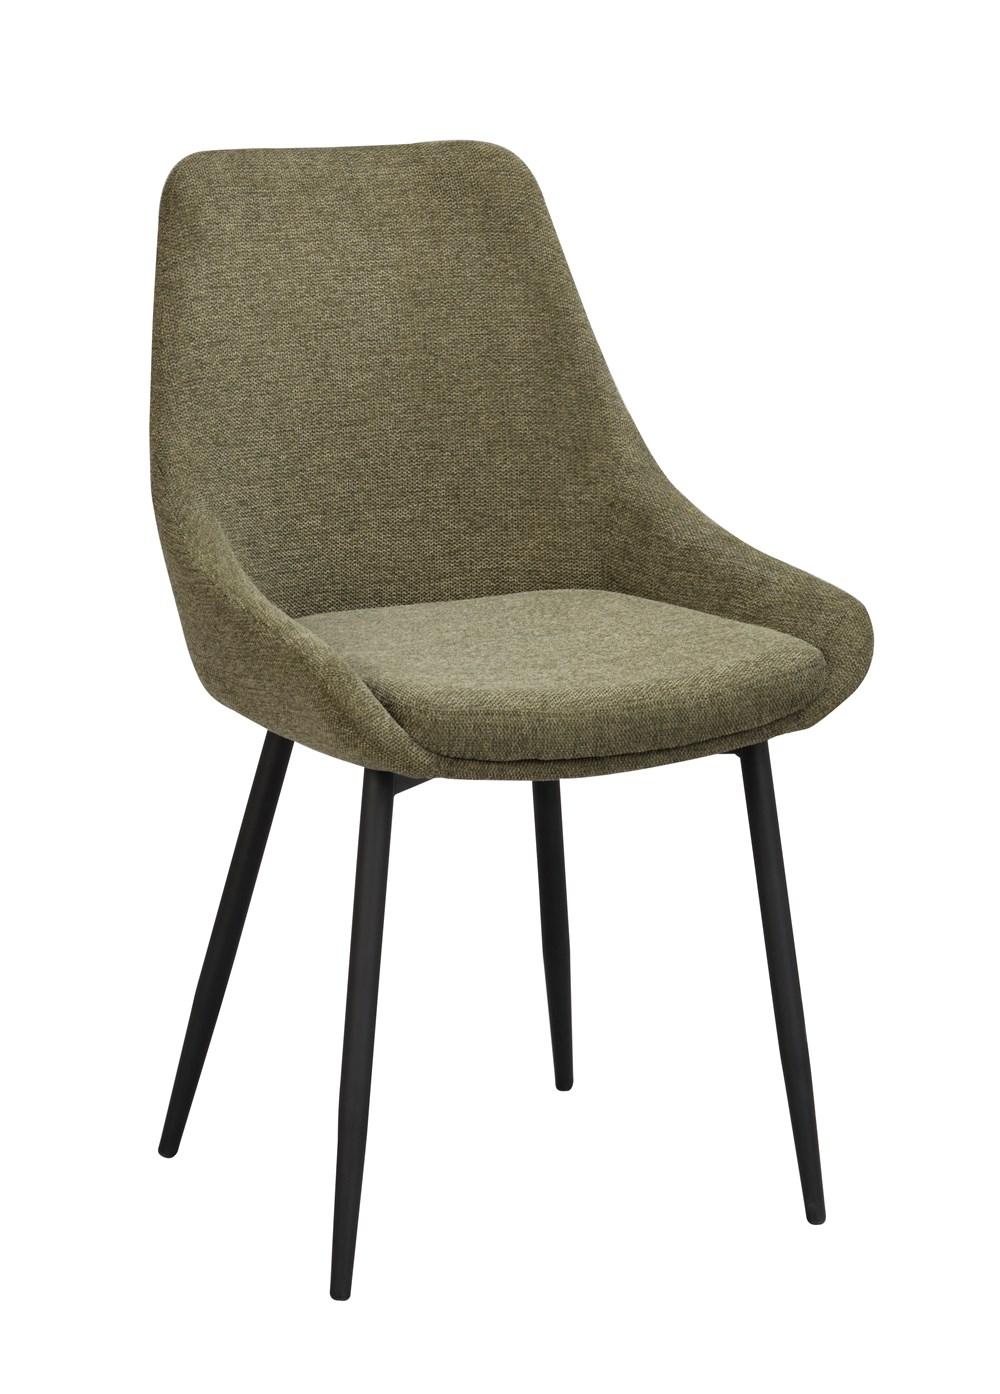 Sierra tuoli vihreä kangas / musta metalli, Rowico